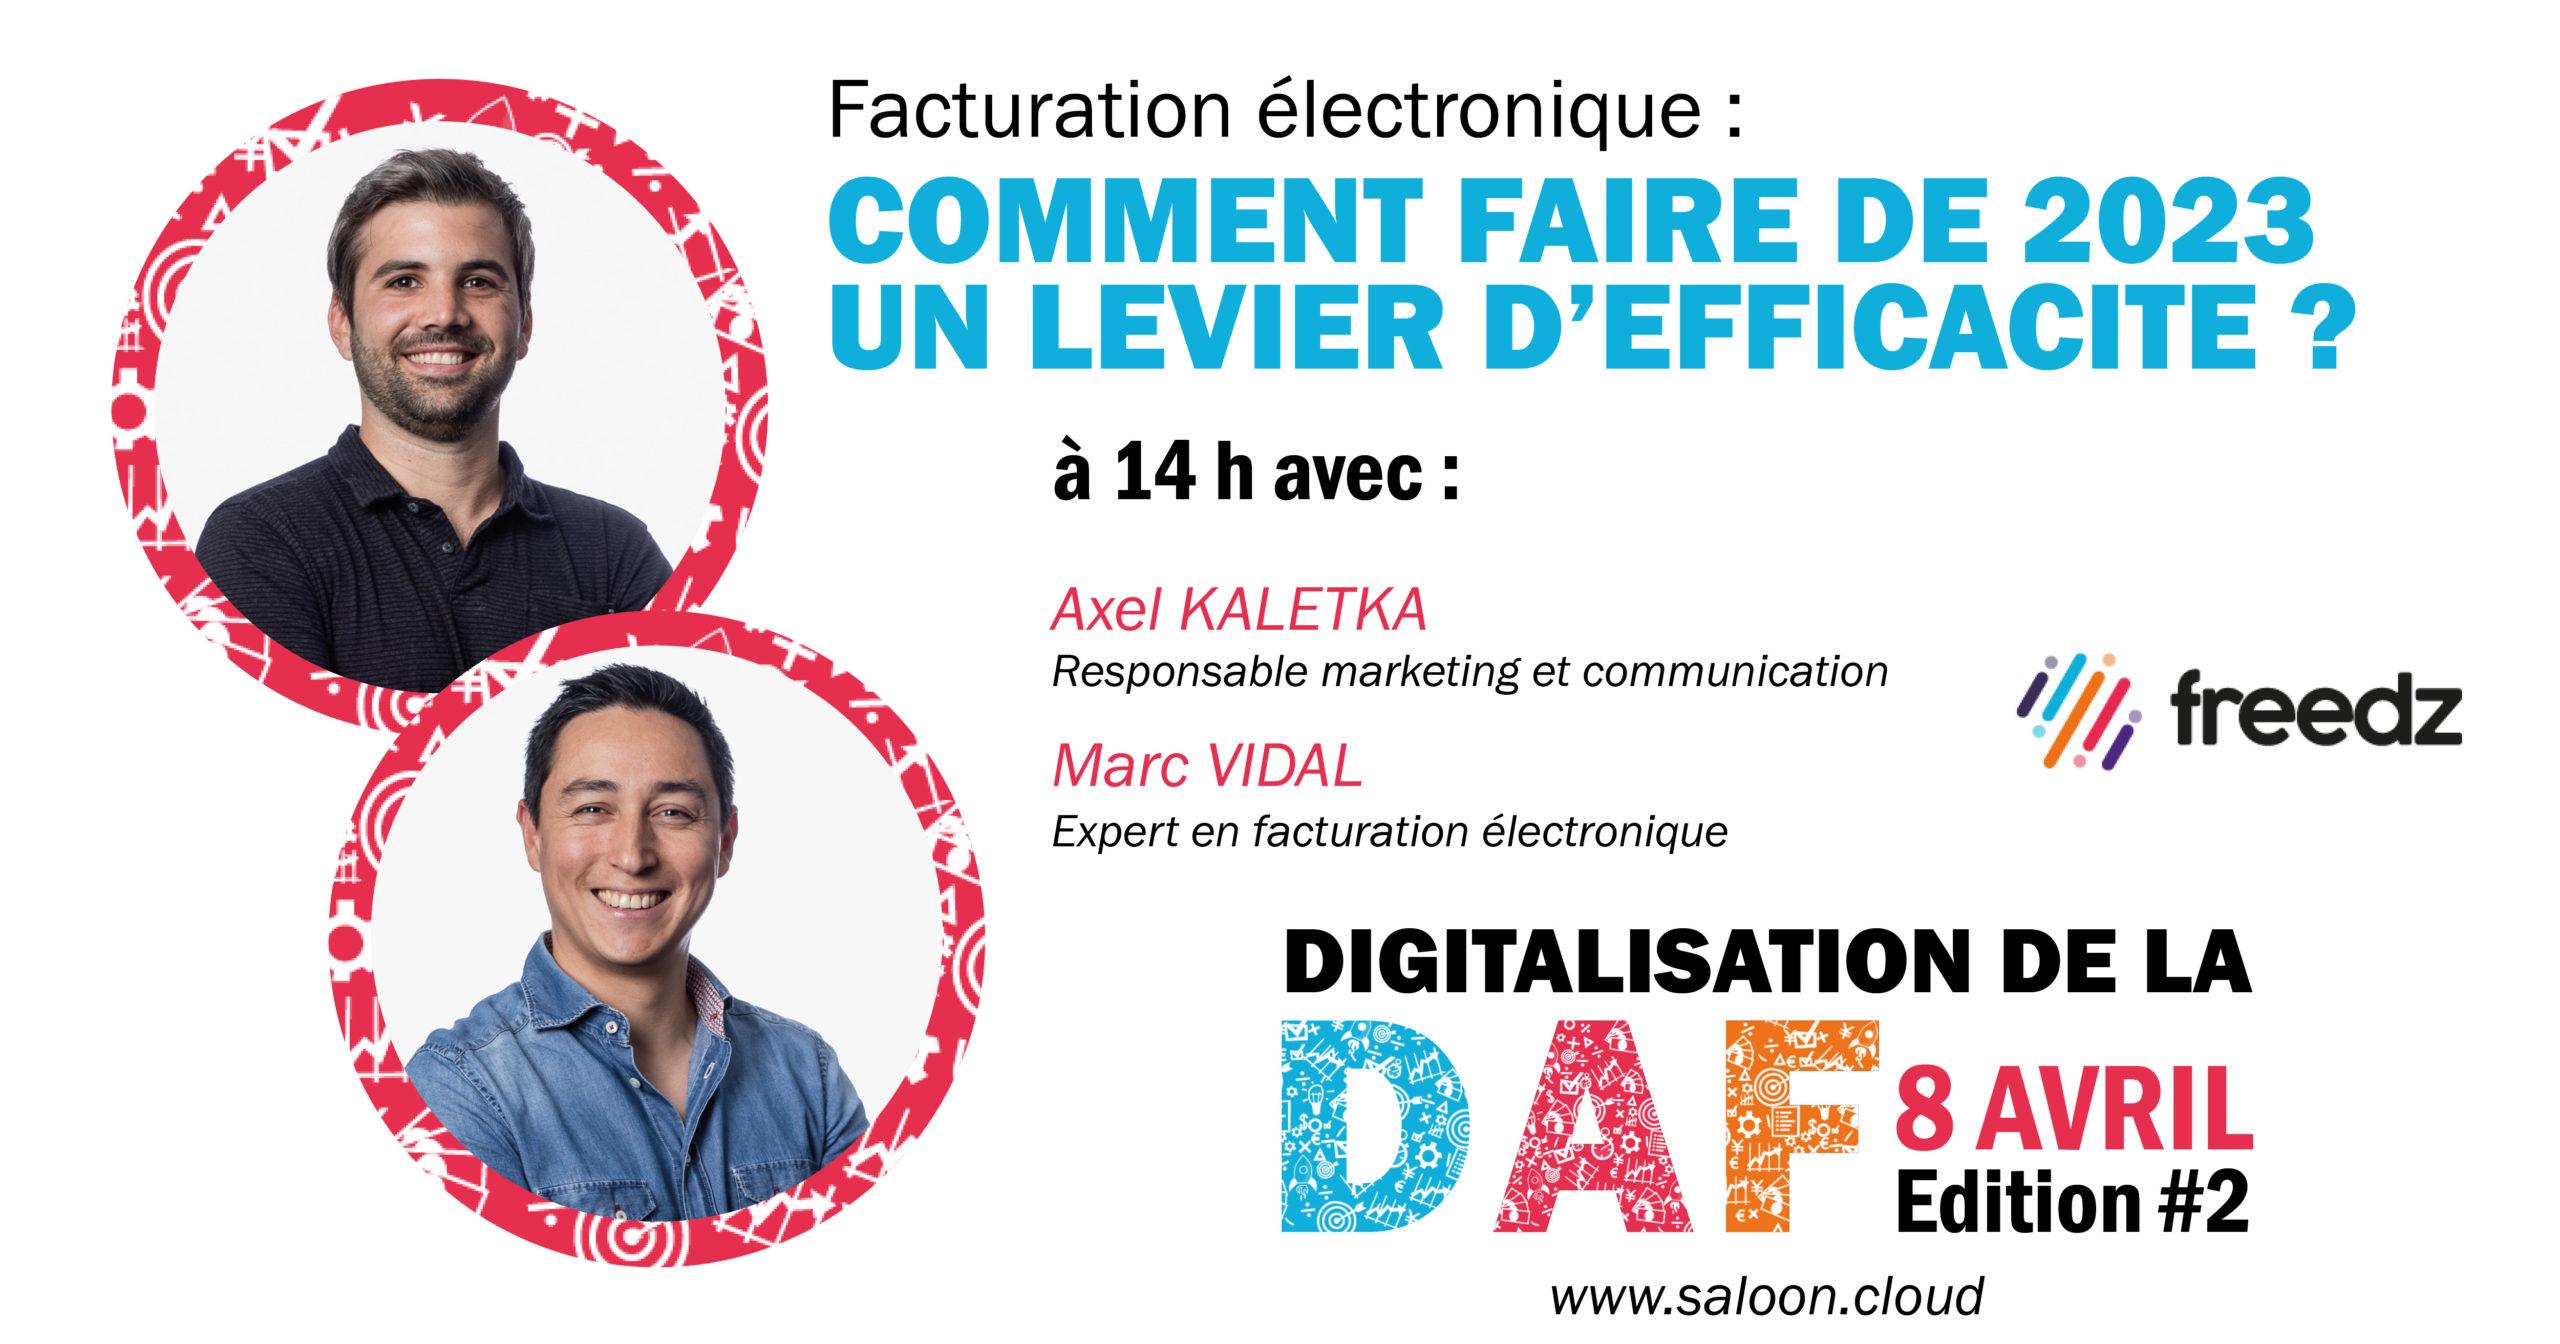 Conférence : facturation électronique : comment faire de l'obligation de 2023 un levier d'efficacité